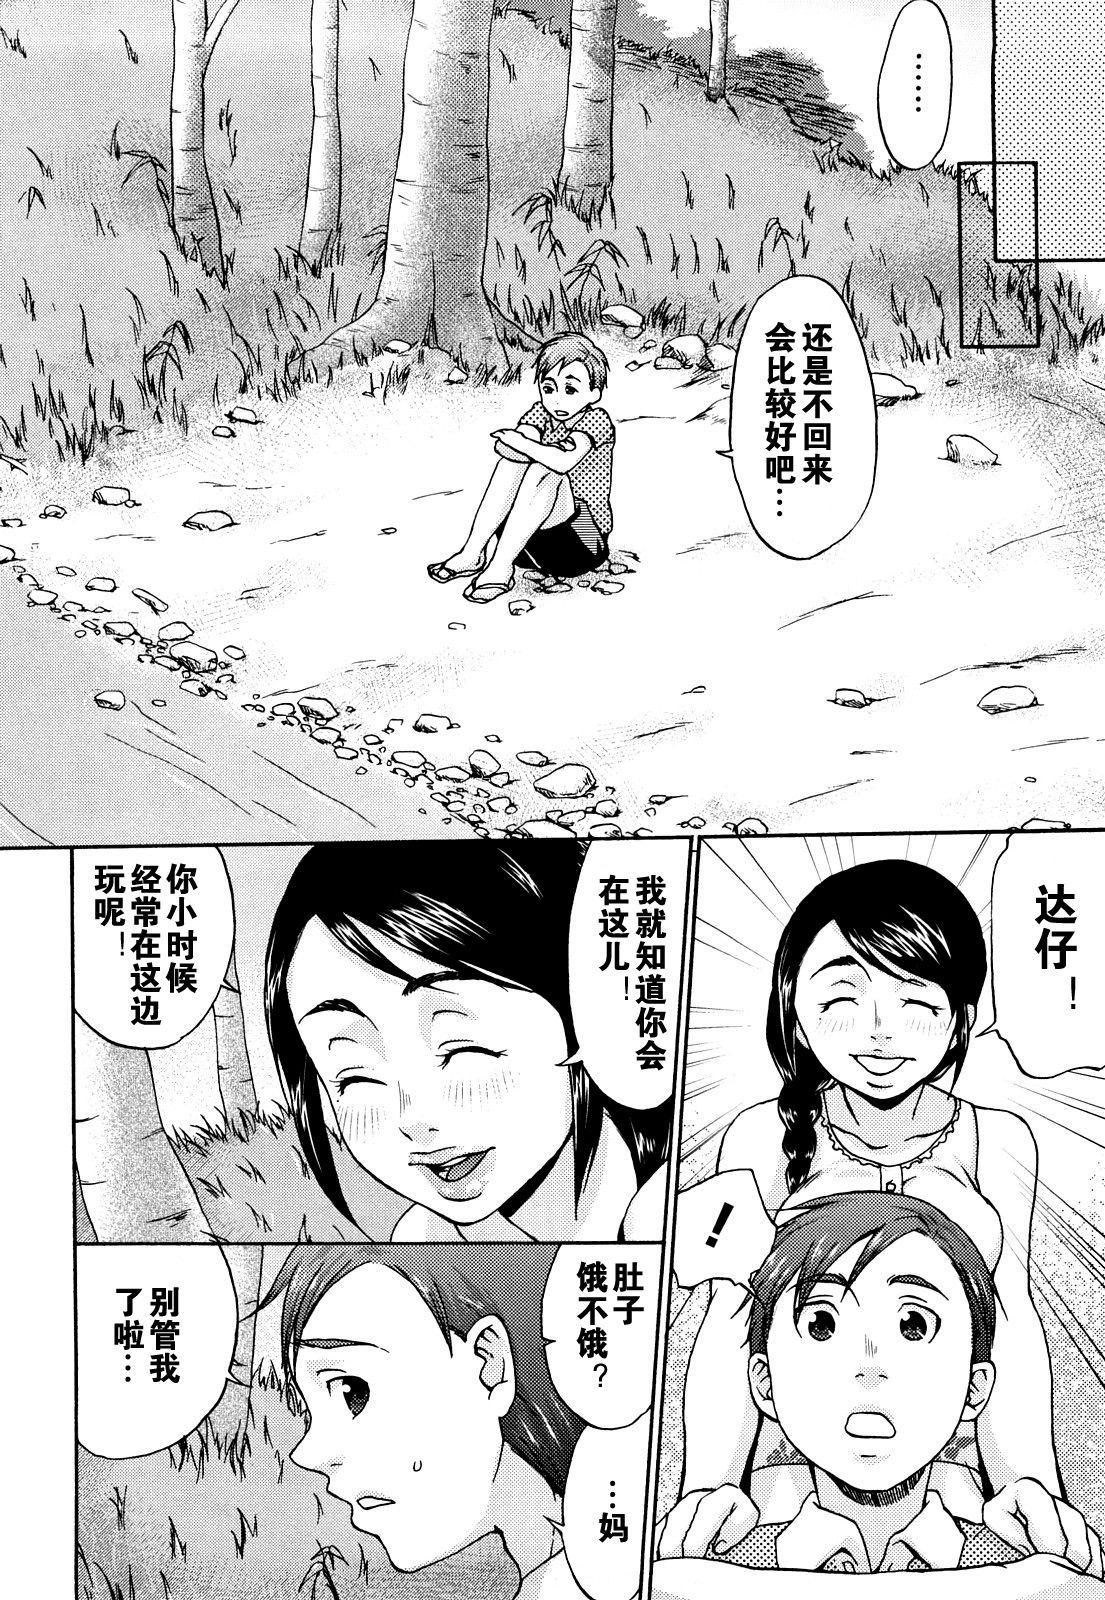 Natsu no Hi no Haha no Nukumori 5